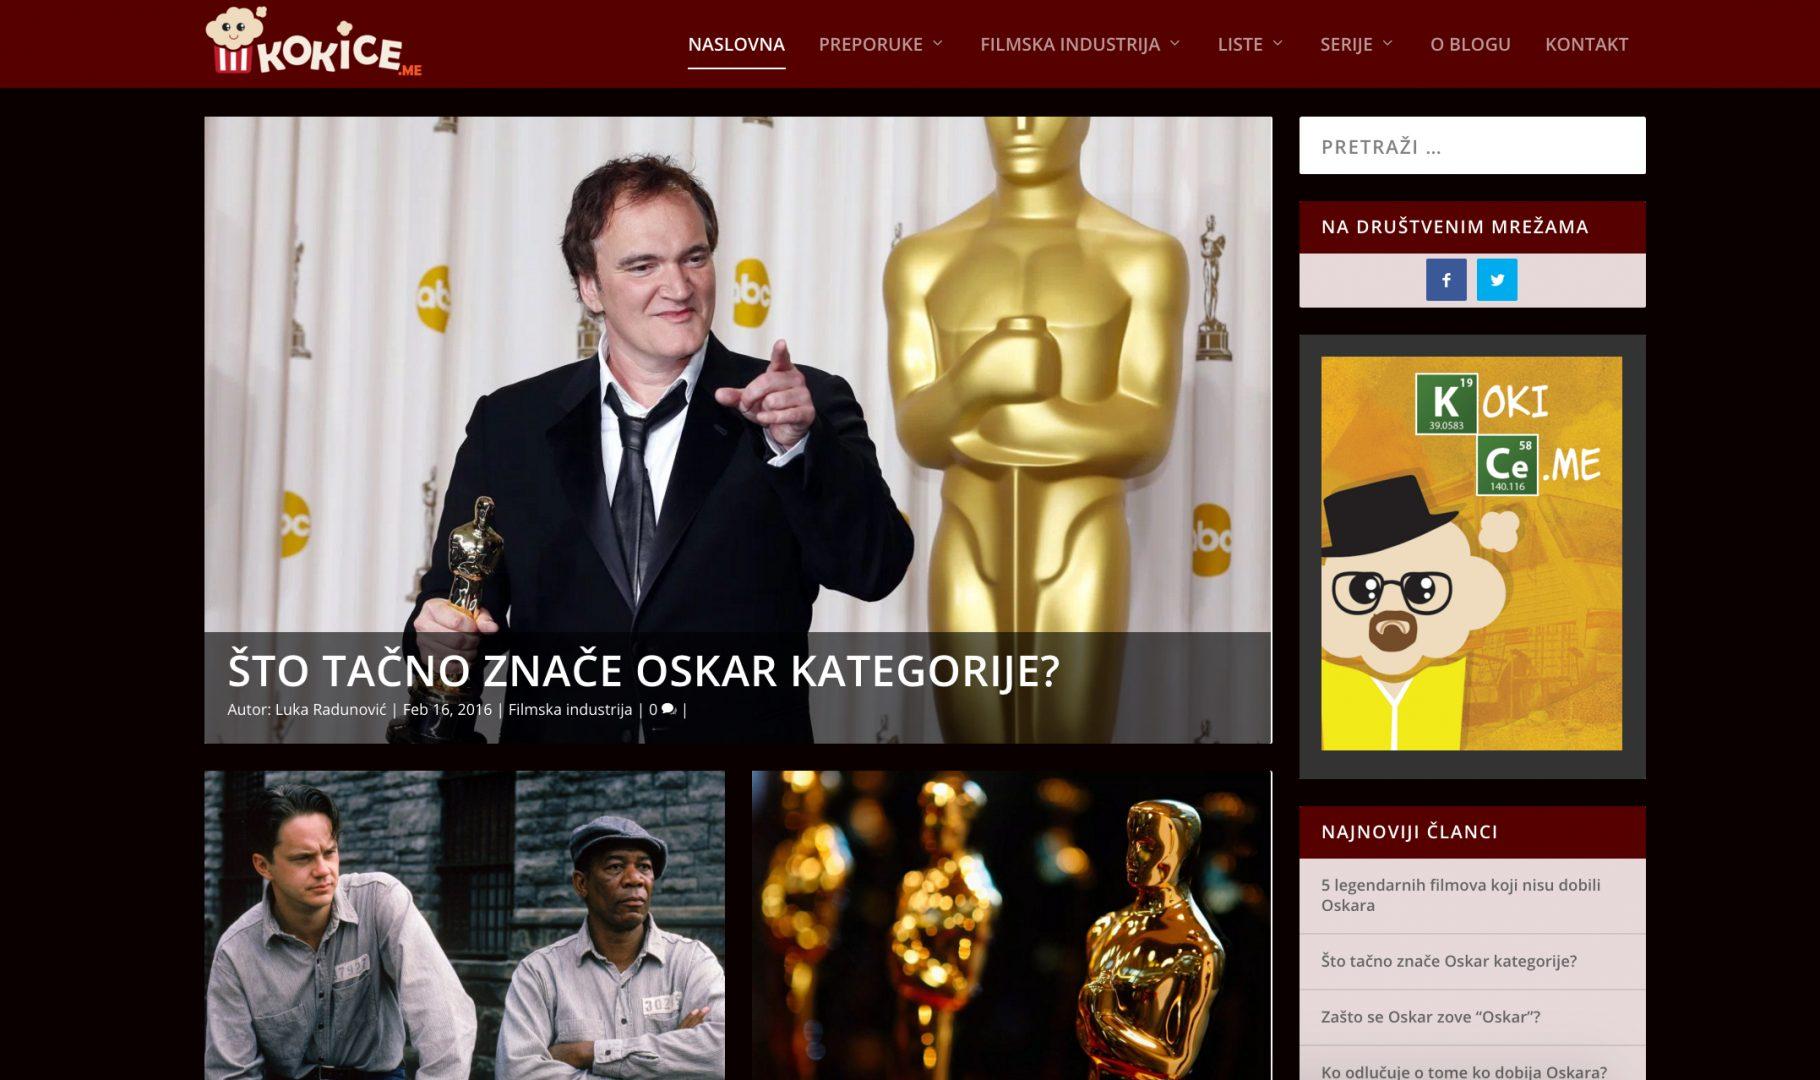 Naslovna strana filmskog bloga Kokice.me